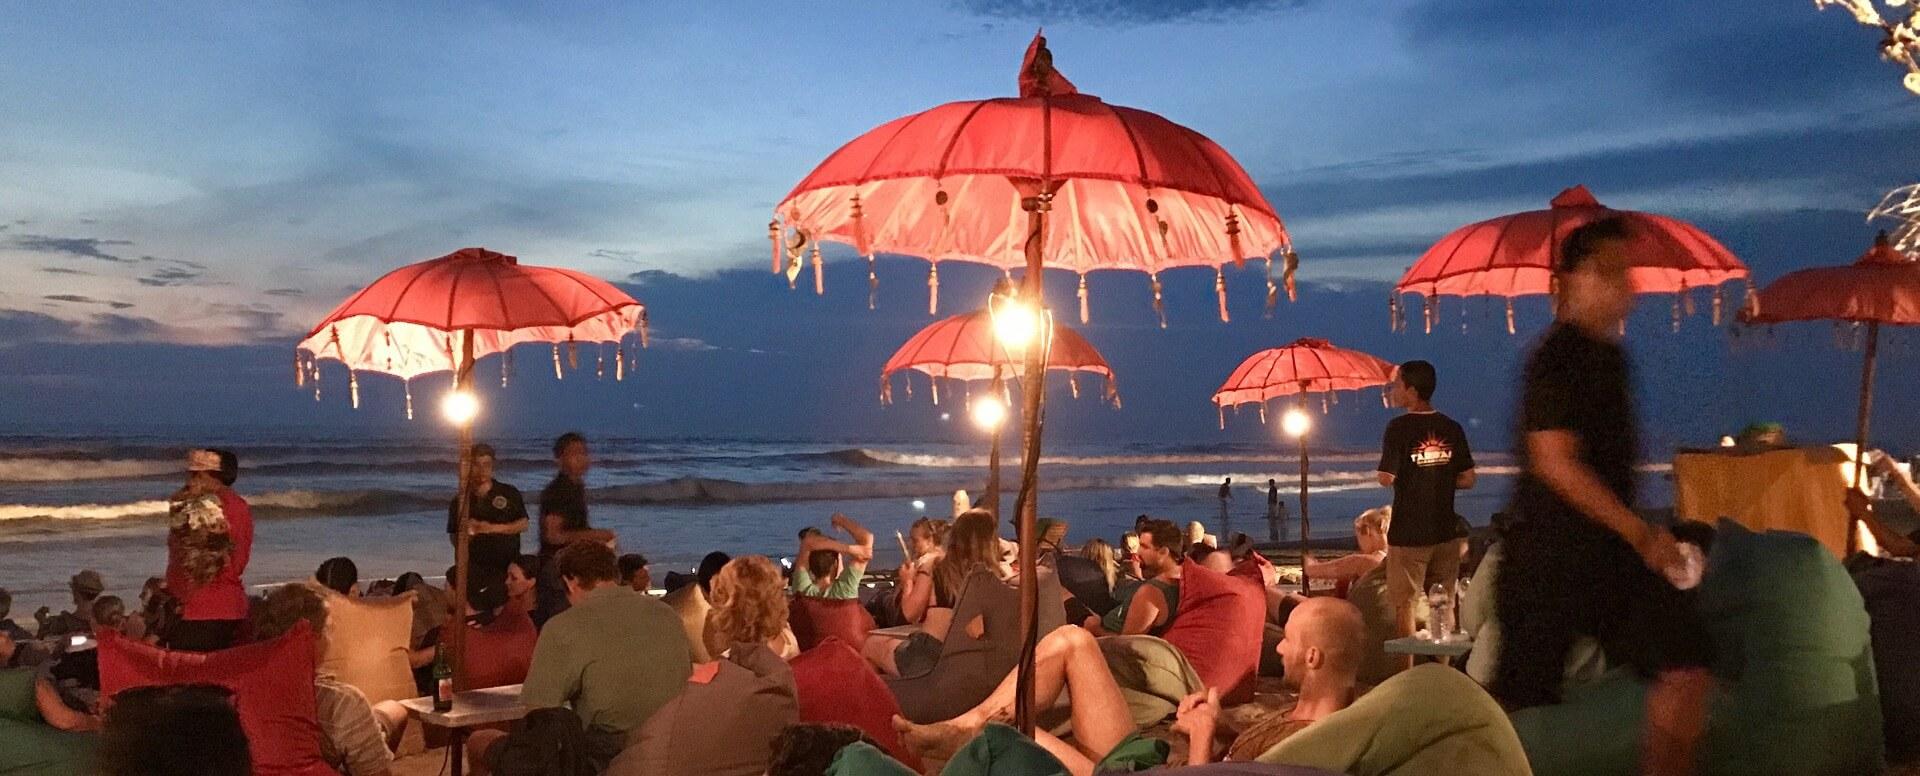 4- Amed - Bali